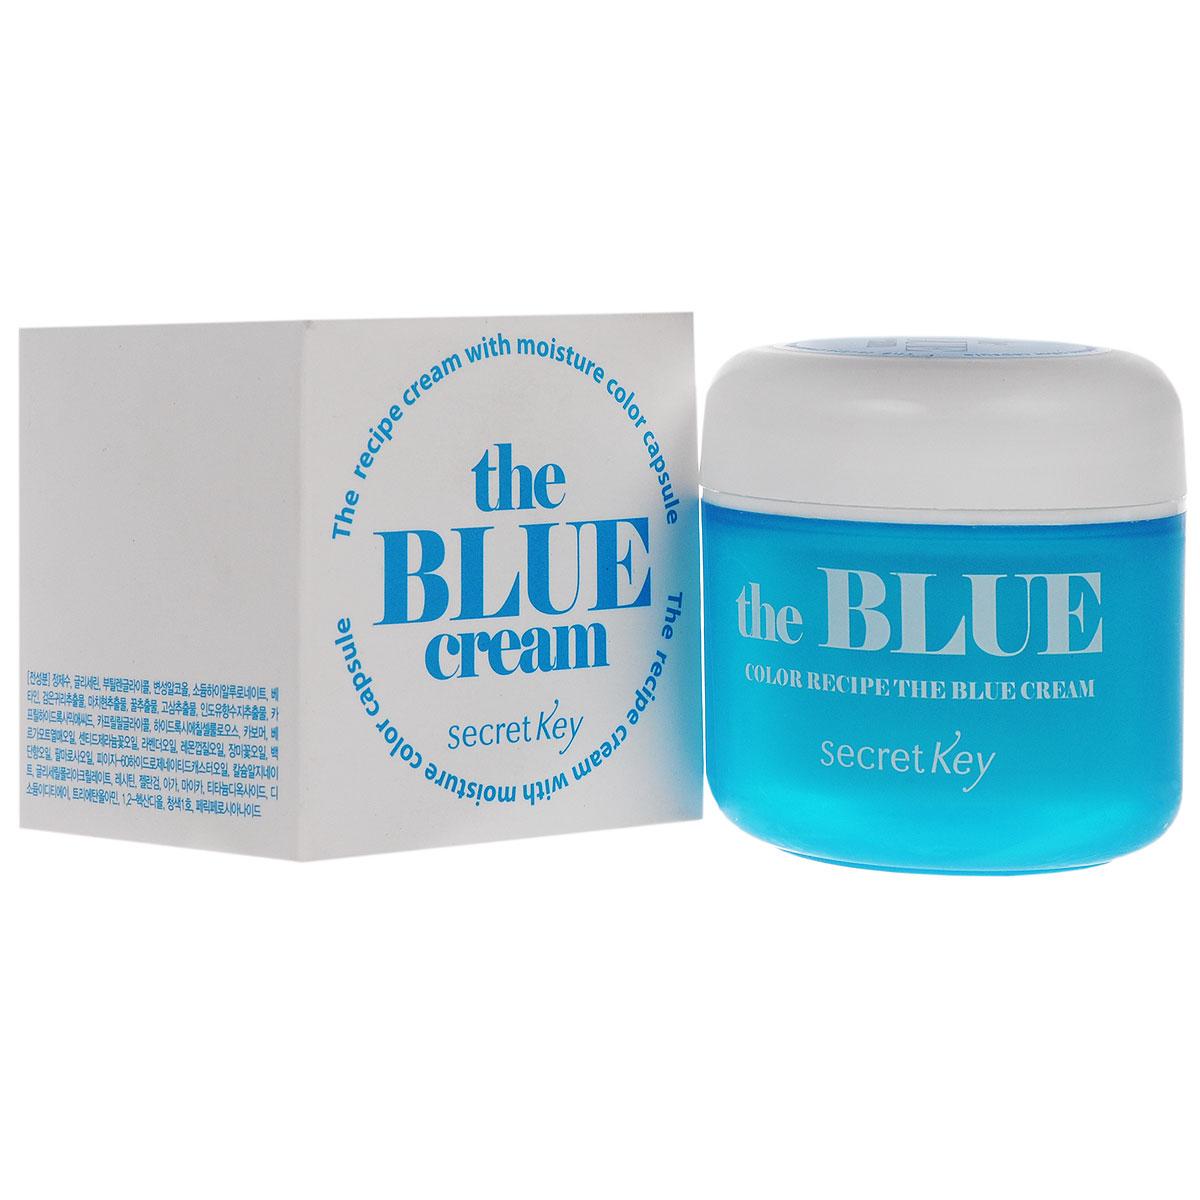 Secret Key Увлажняющий гель для лица Color Recipe the blue cream 55 гр93466Увлажняющий питательный крем с голубыми гранулами предназначен для сухой кожи лица. Гиалуроновая кислота в составе крема сохраняет влагу на поверхности кожи, повышает ее защитные свойства и освежает цвет лица.